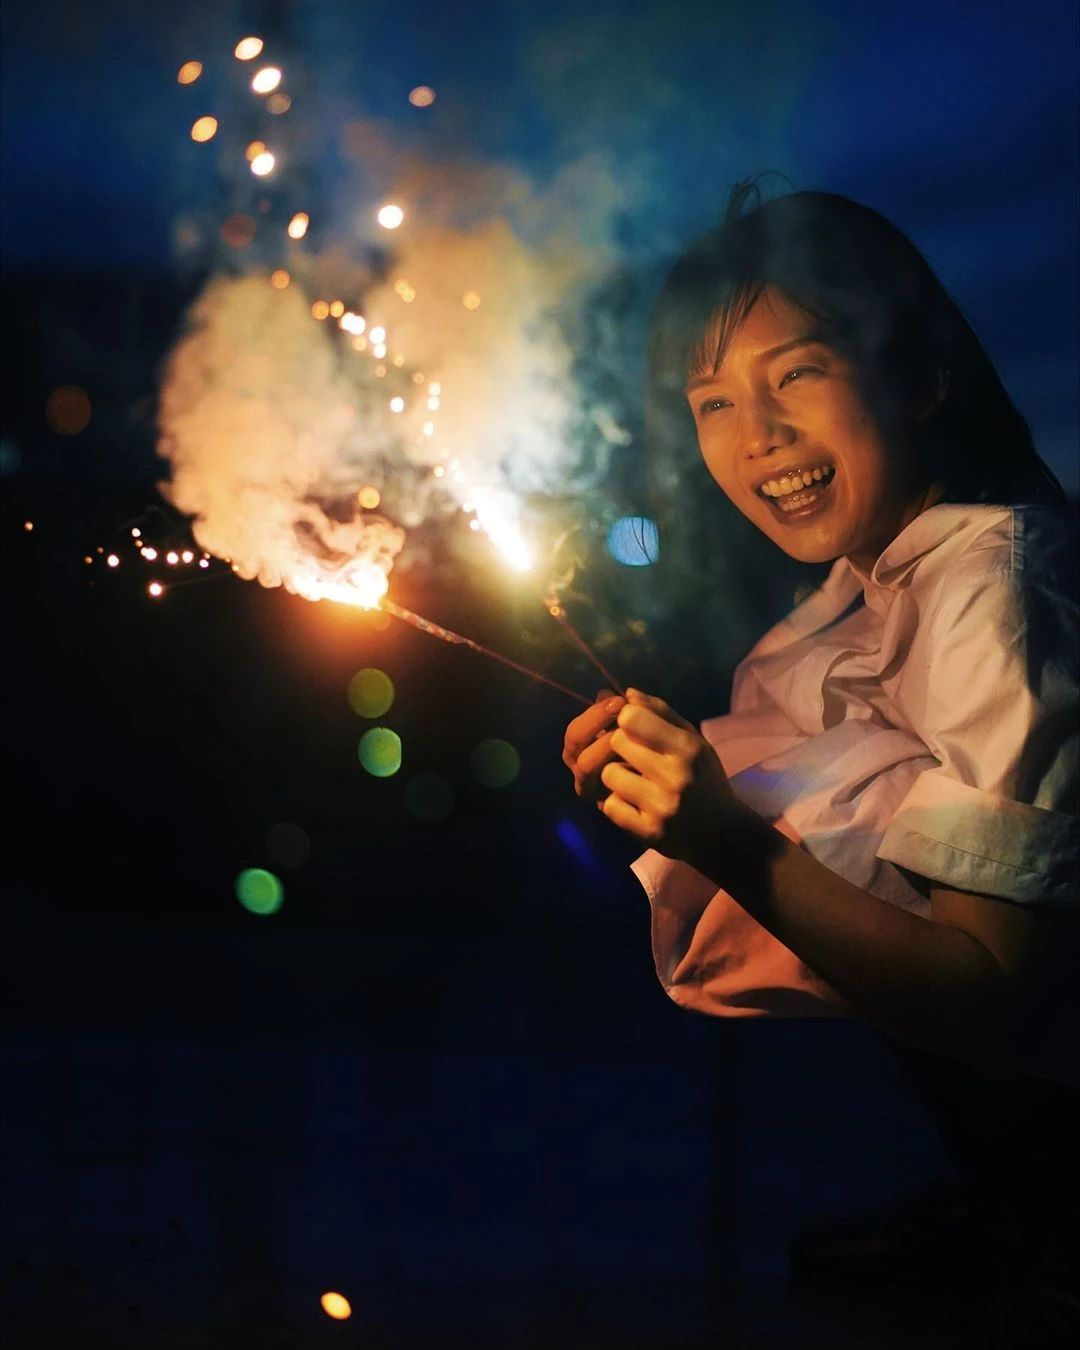 永远一张娃娃脸的棉花糖女孩弘中绫香写真作品 (82)